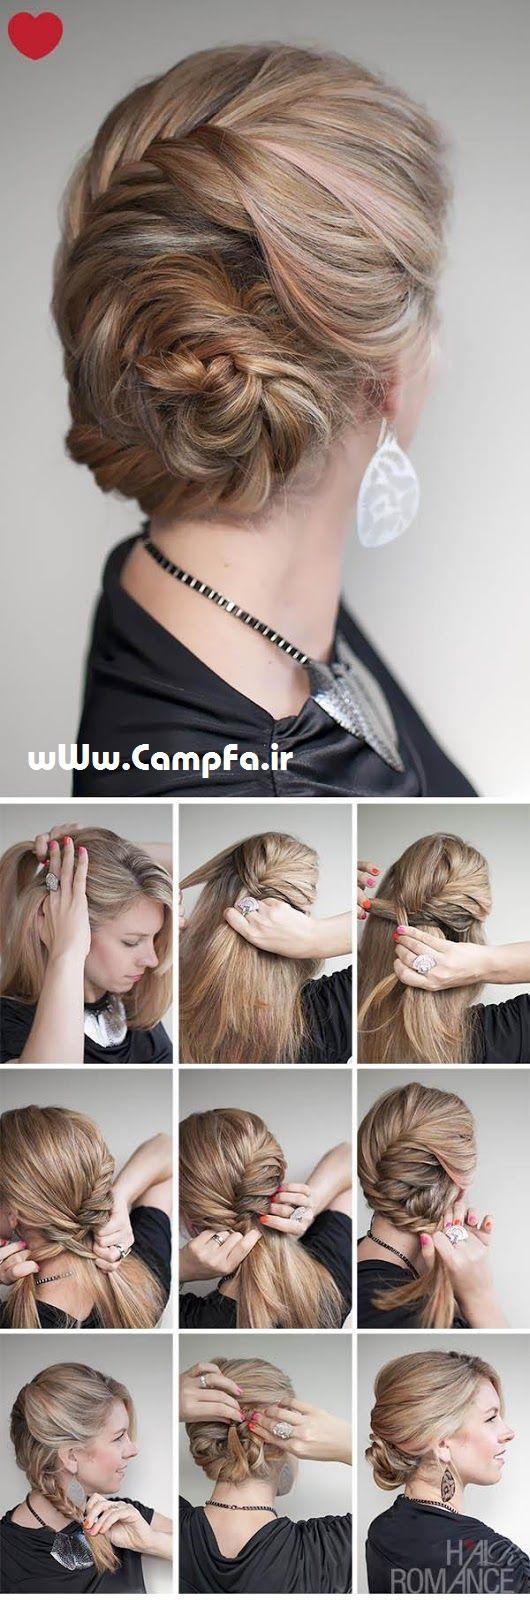 آموزش تصویری آرایش مو ,عکس بستن مو,بافت مو